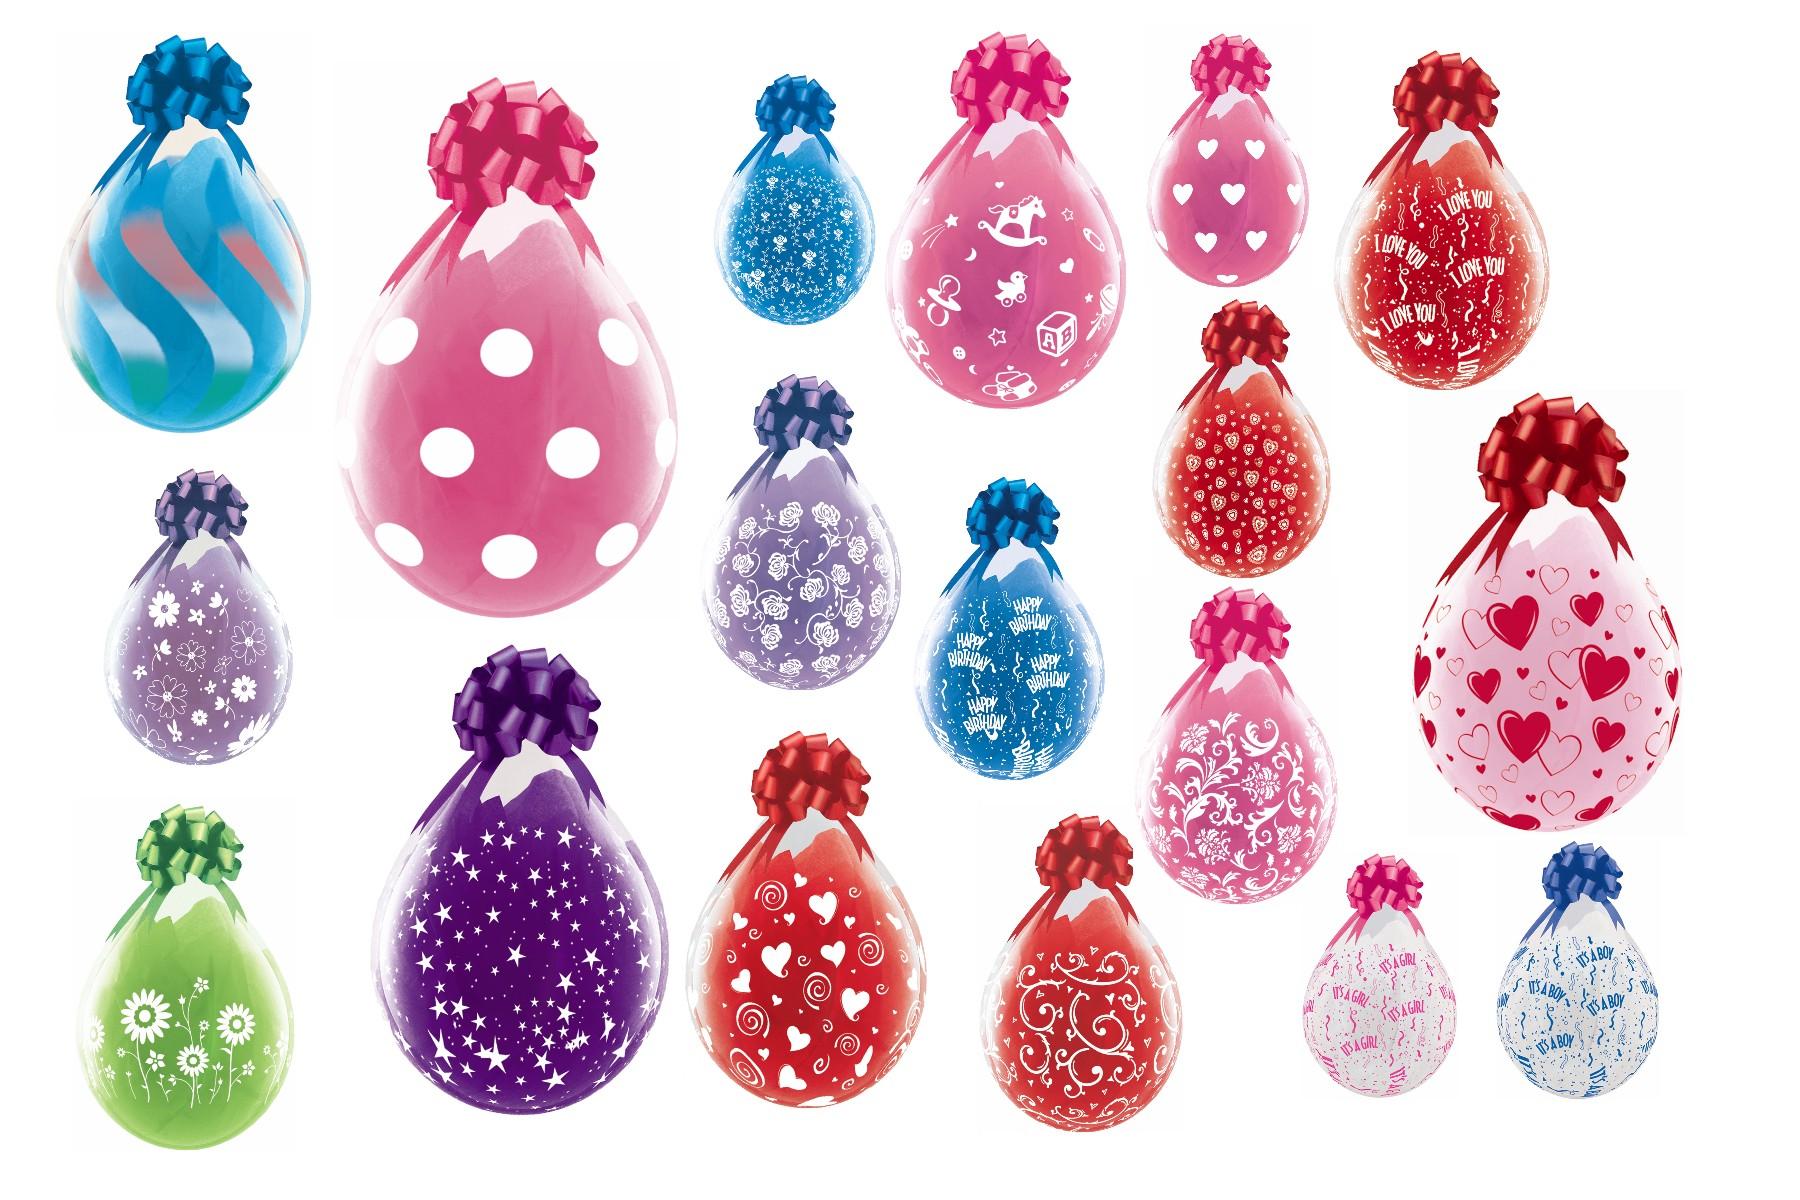 stuff-balloons.jpg